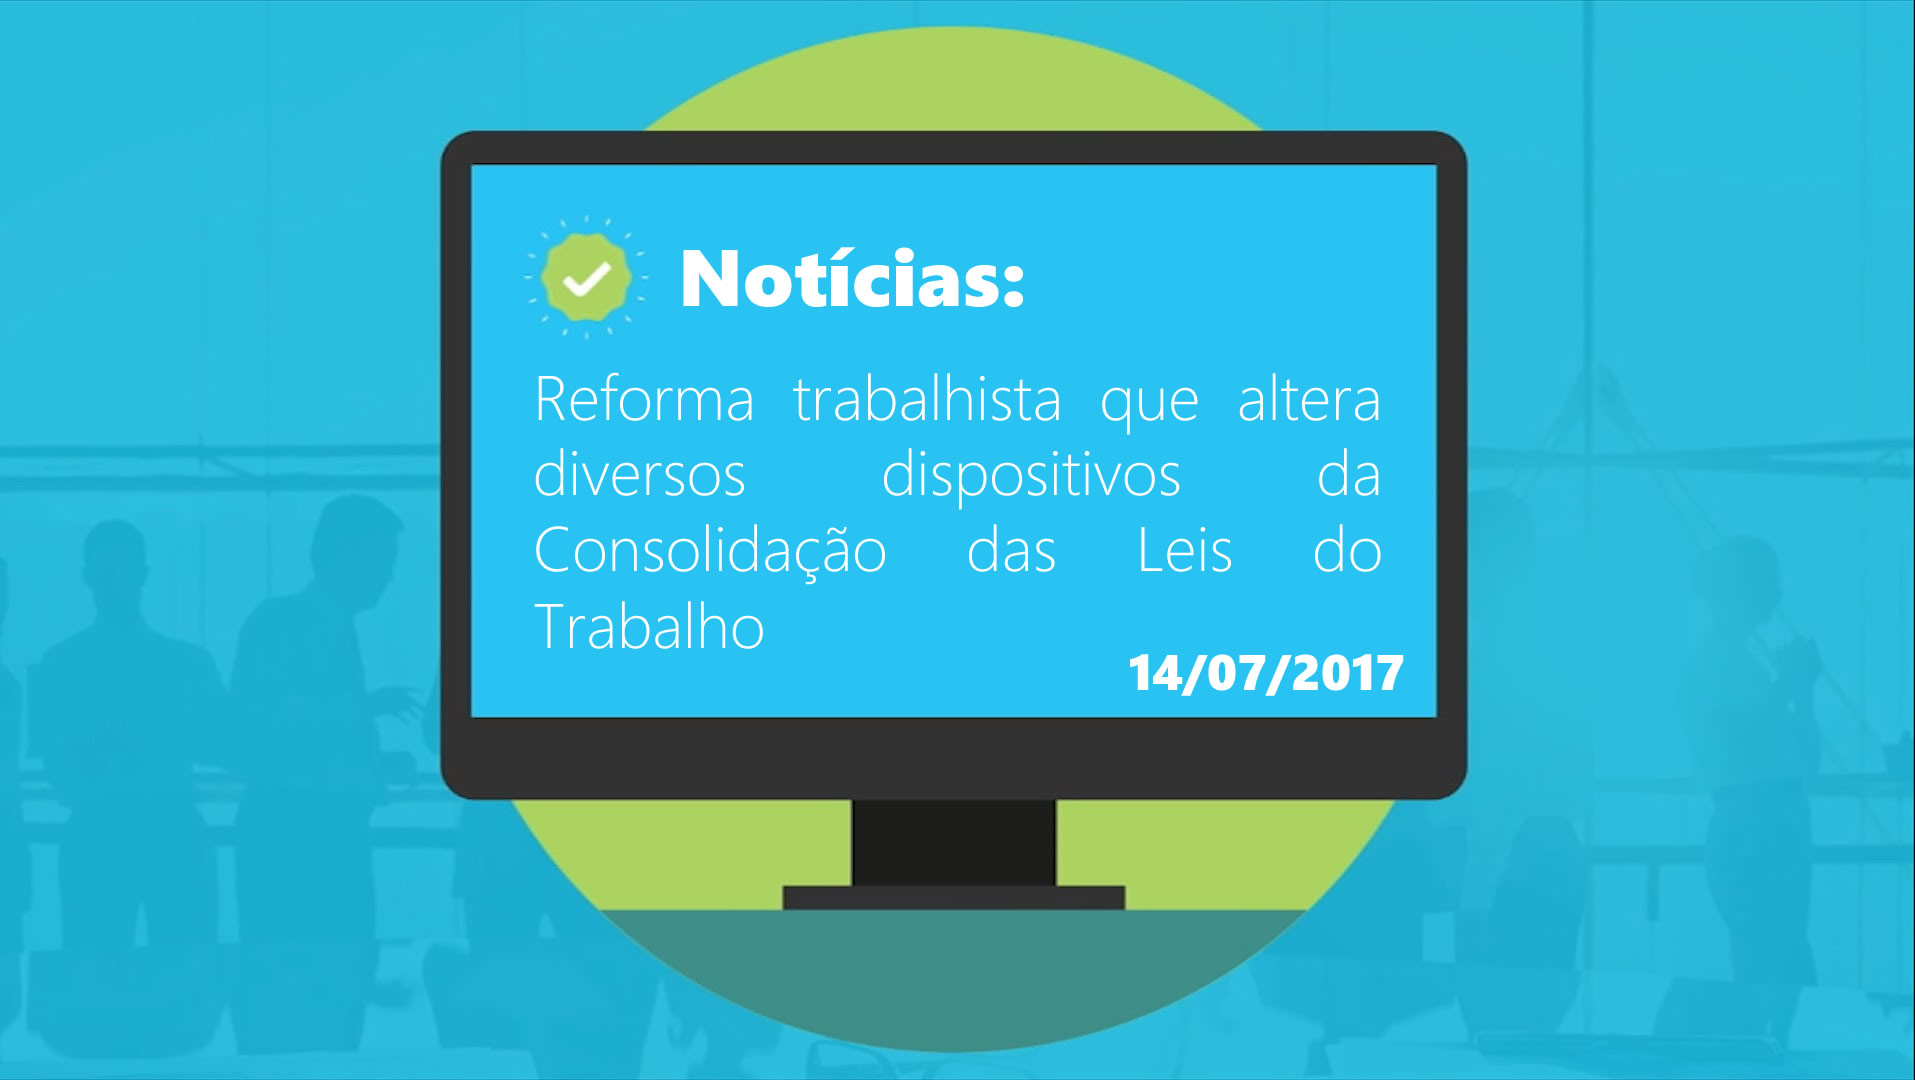 Reforma trabalhista que altera diversos dispositivos da Consolidação das Leis do Trabalho